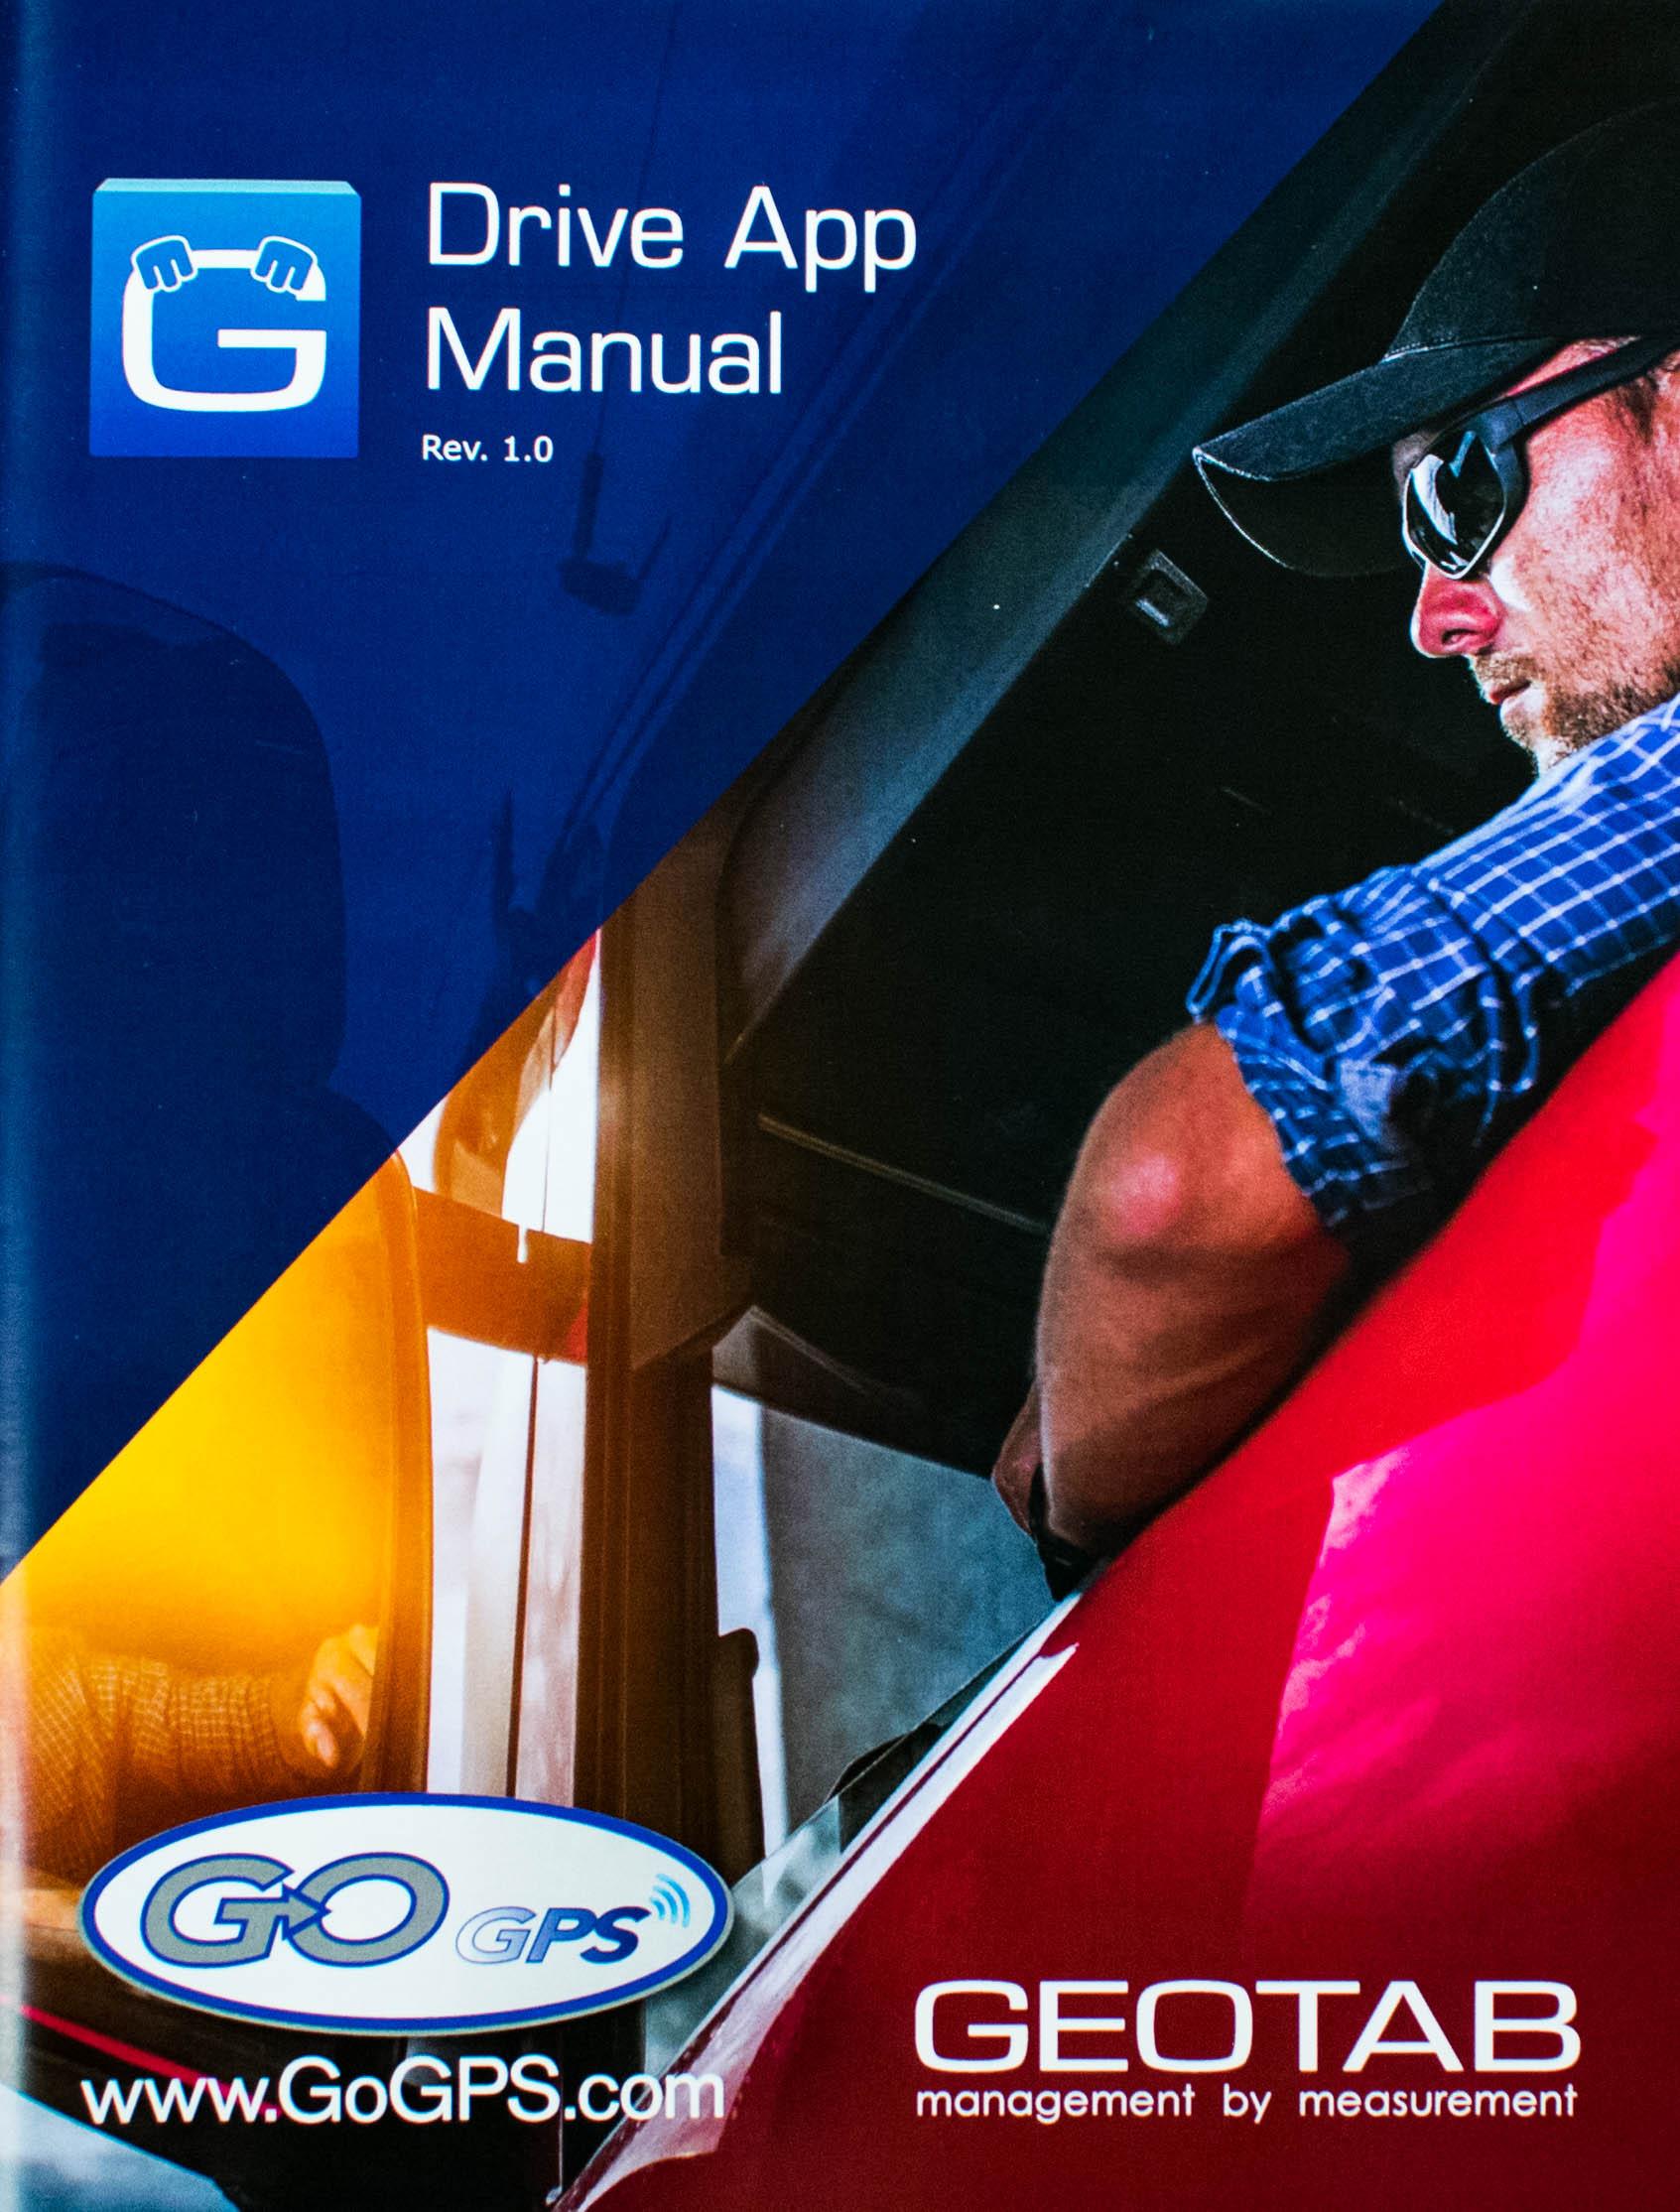 Drive App Manual